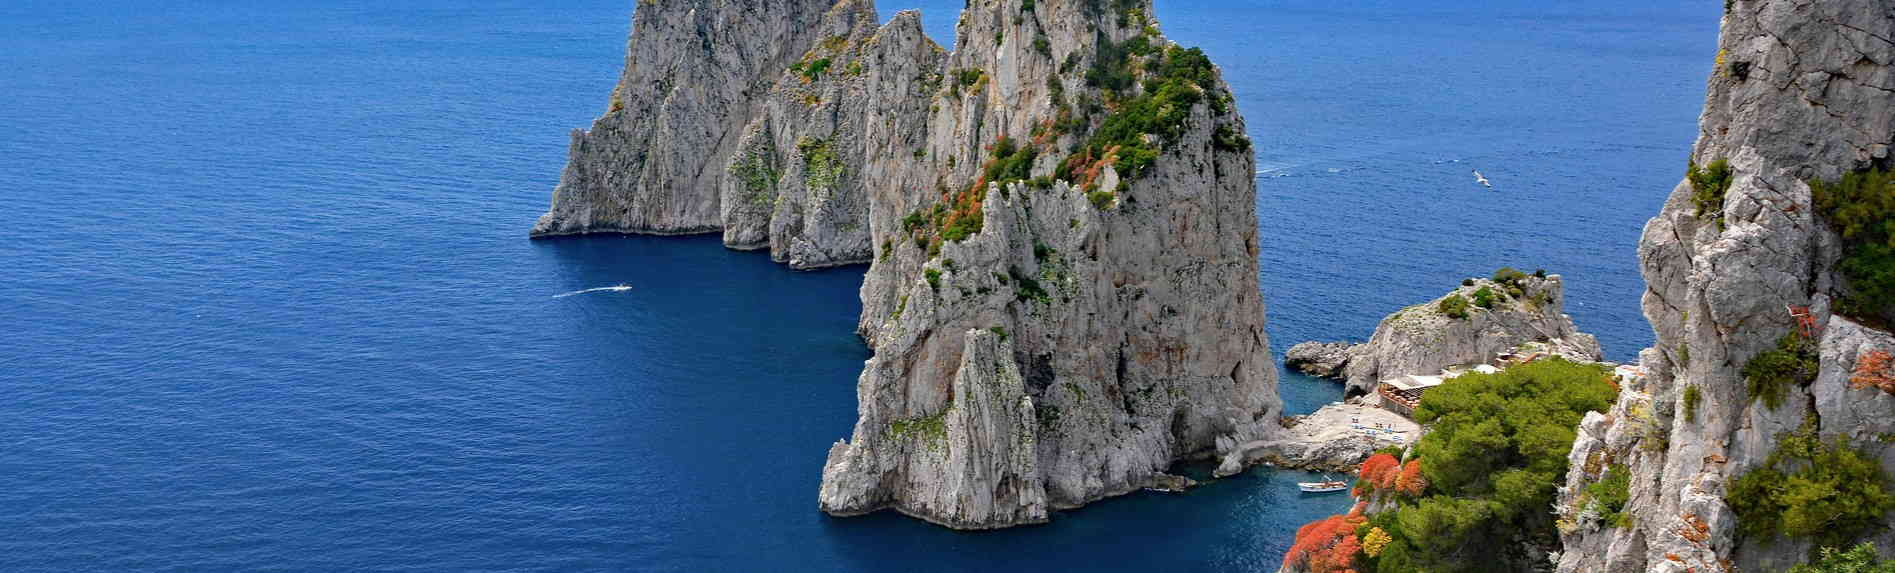 Faraglioni Rocks